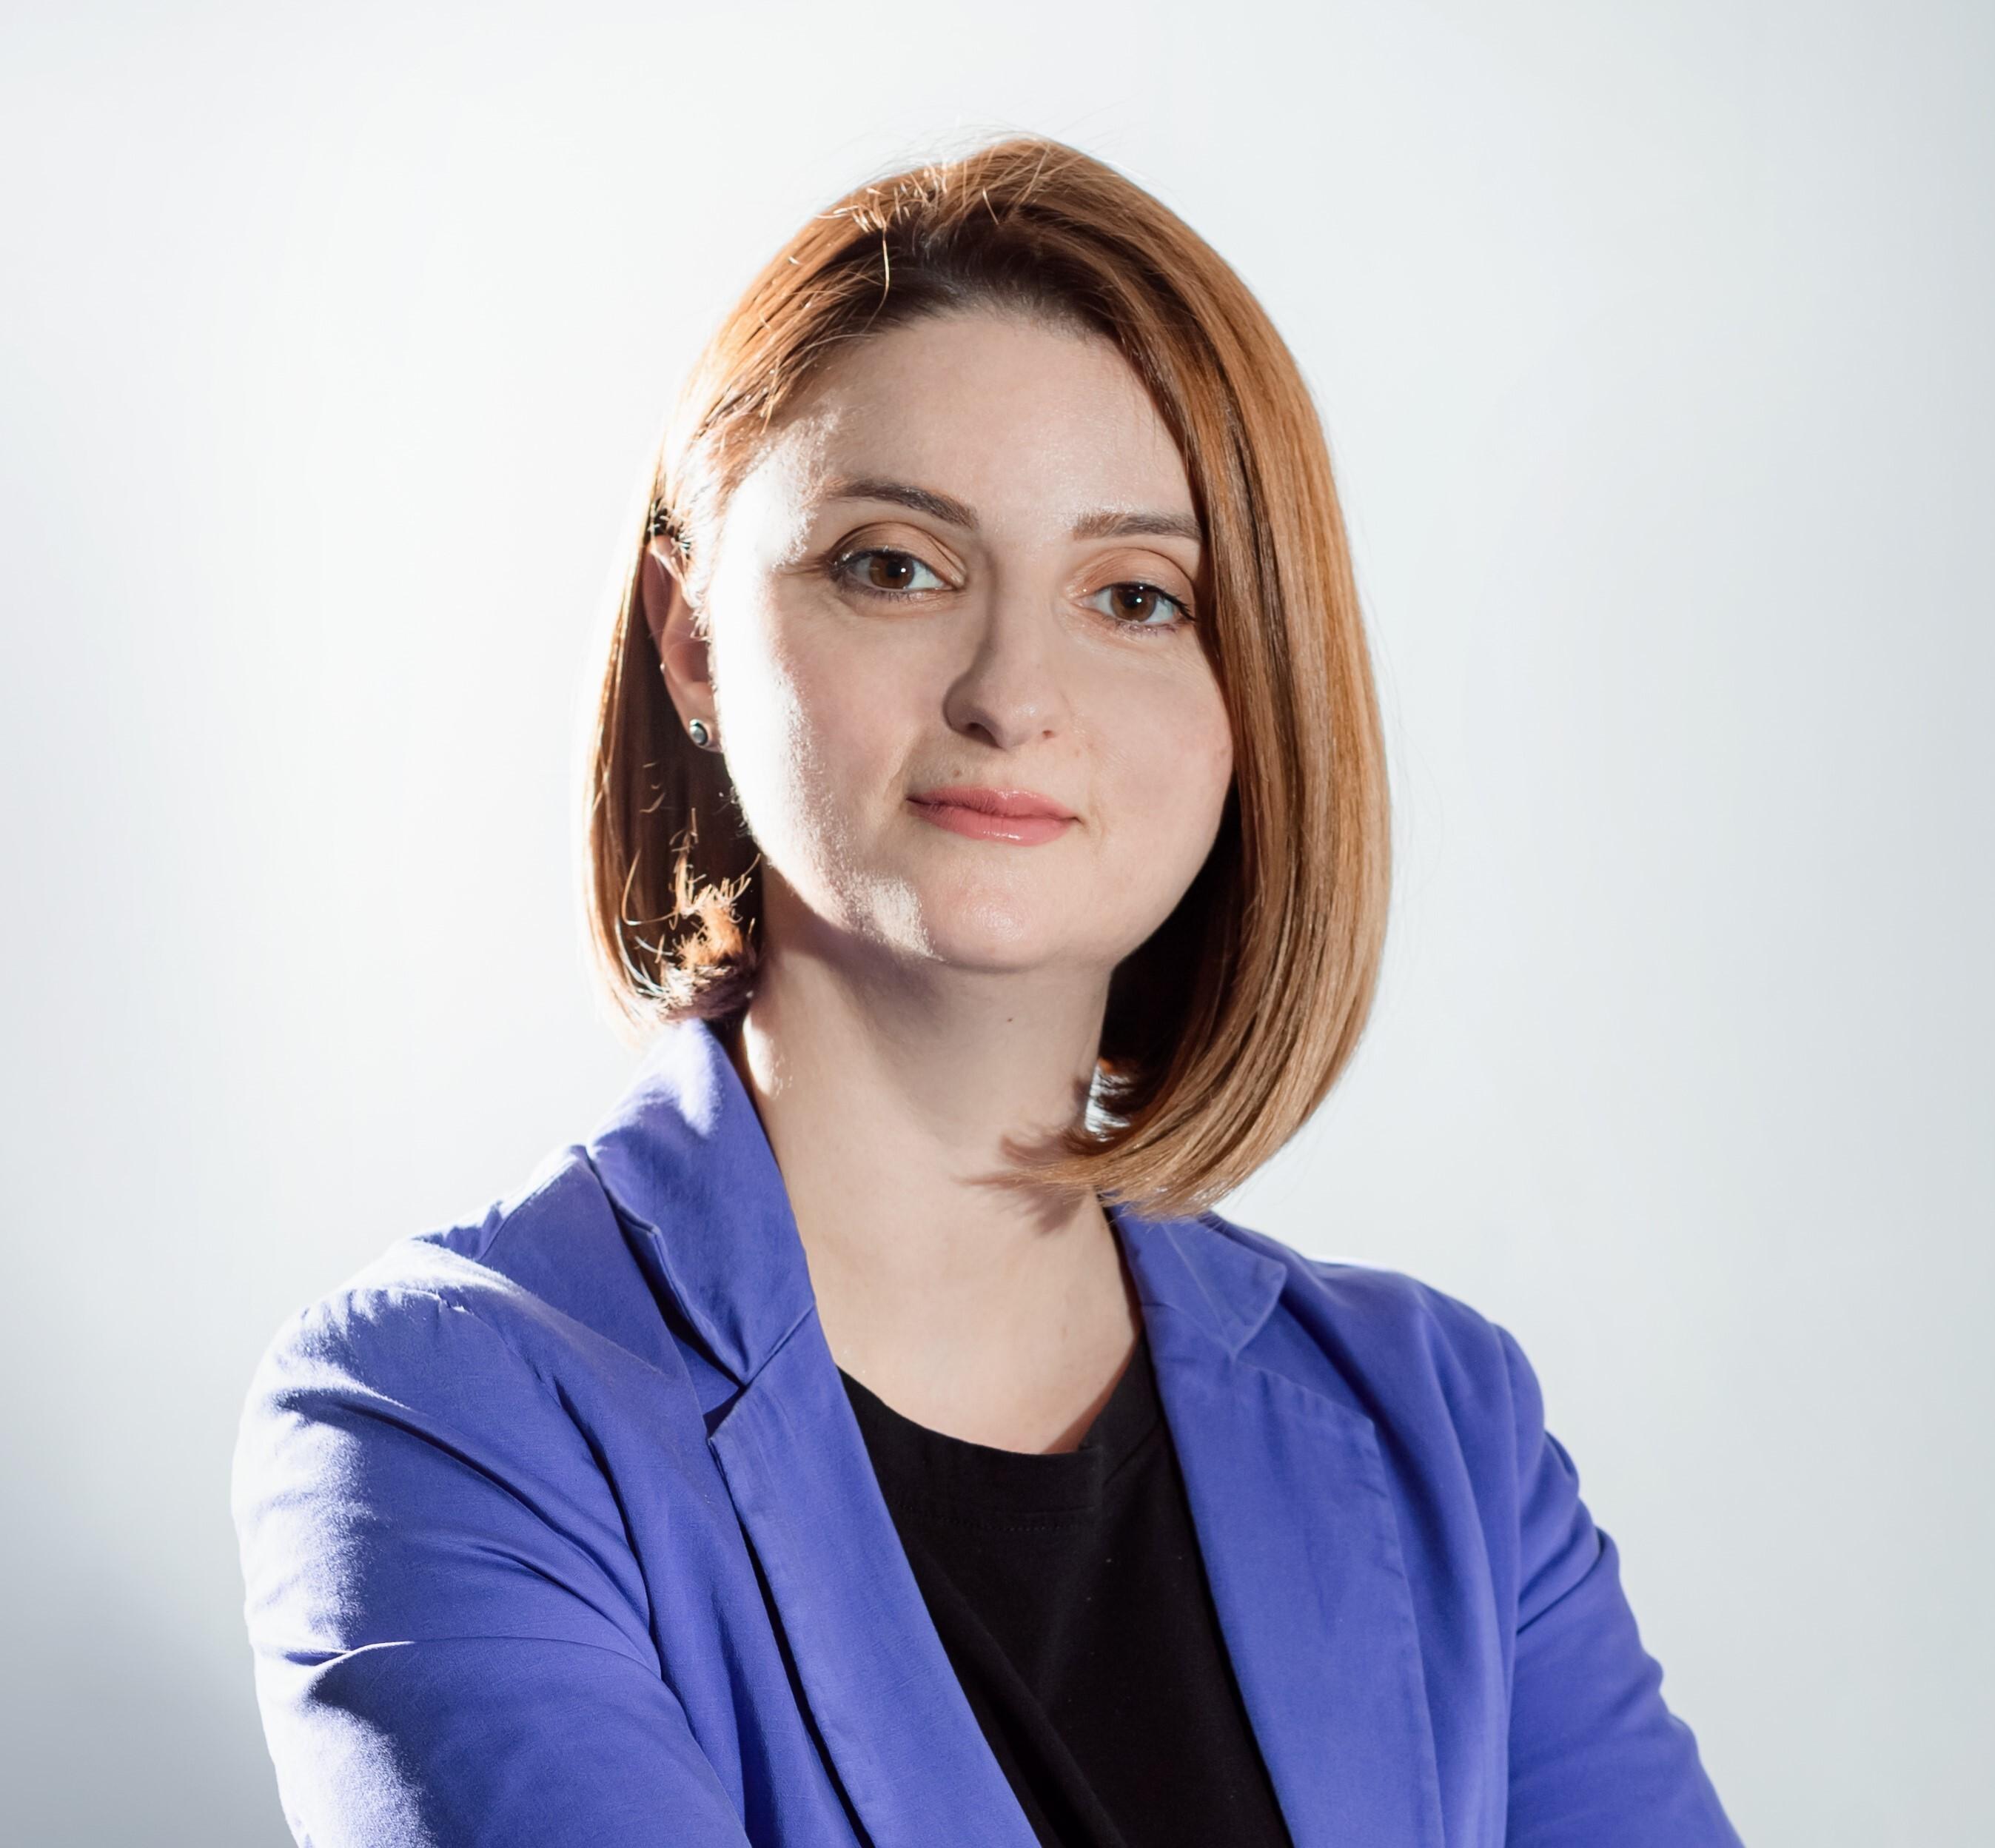 Lilit Ghazakhetsyan